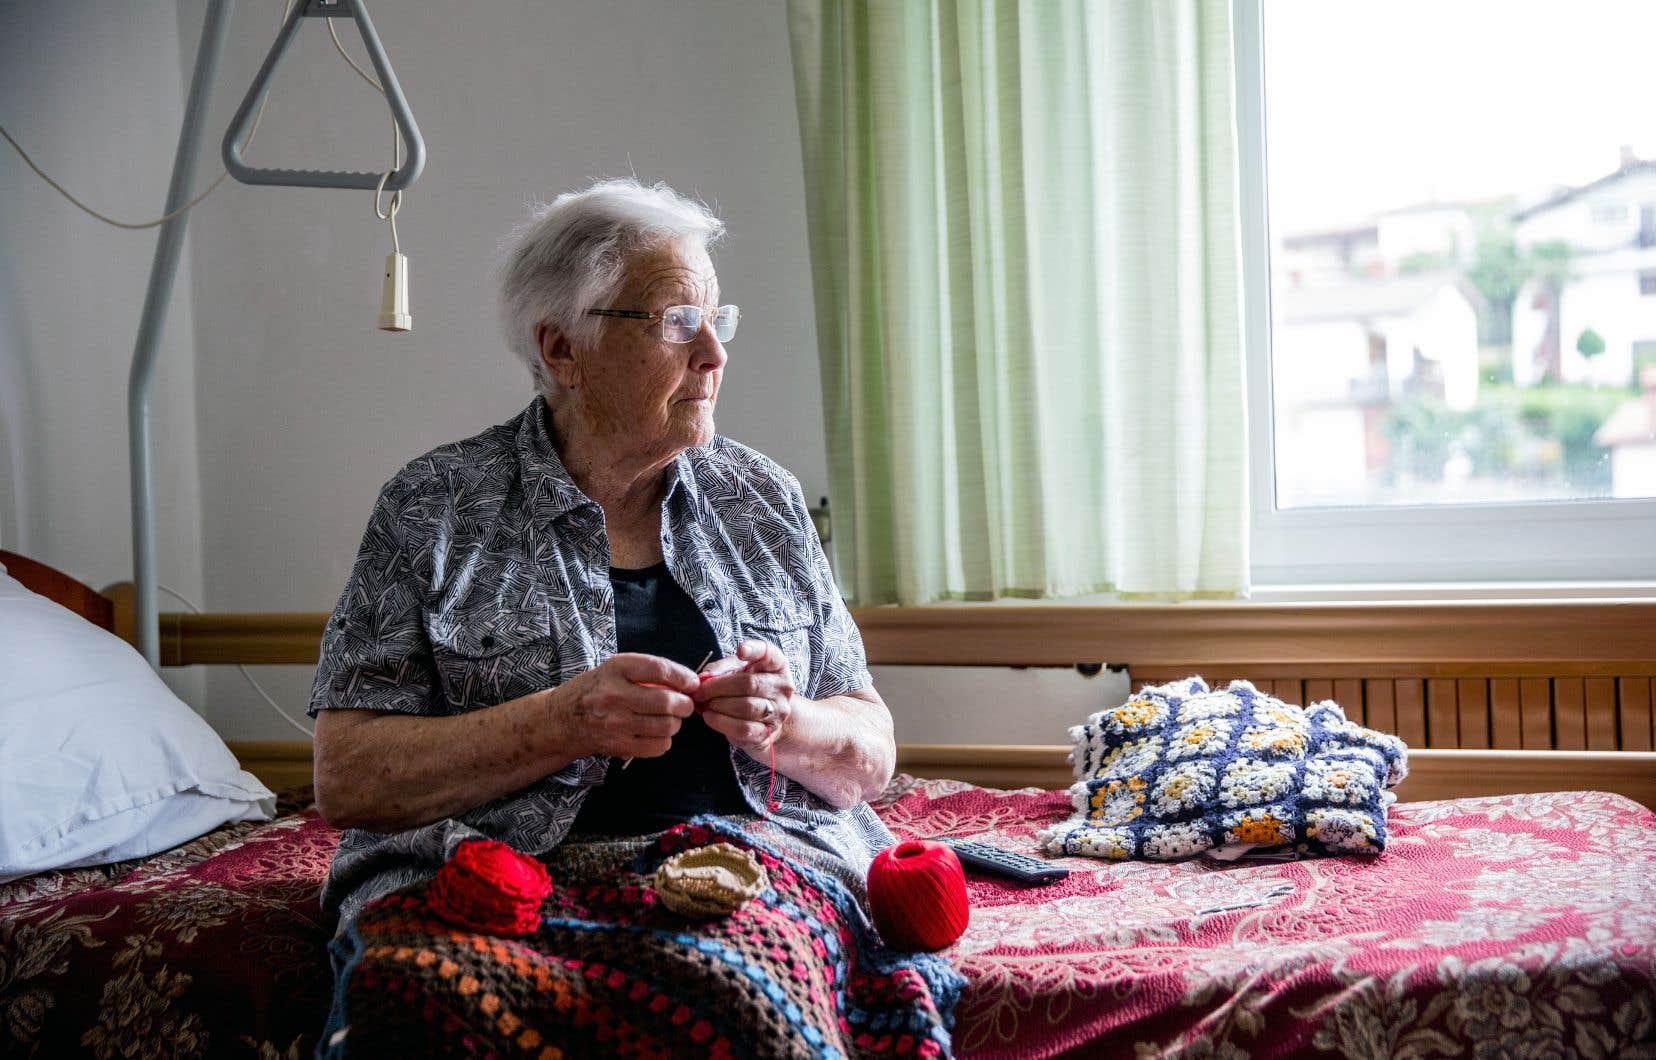 Selon les chiffres de la Coalition avenir Québec, en date du mois d'octobre, seulement 50% des résidences privées pour aînés étaient munies de gicleurs.